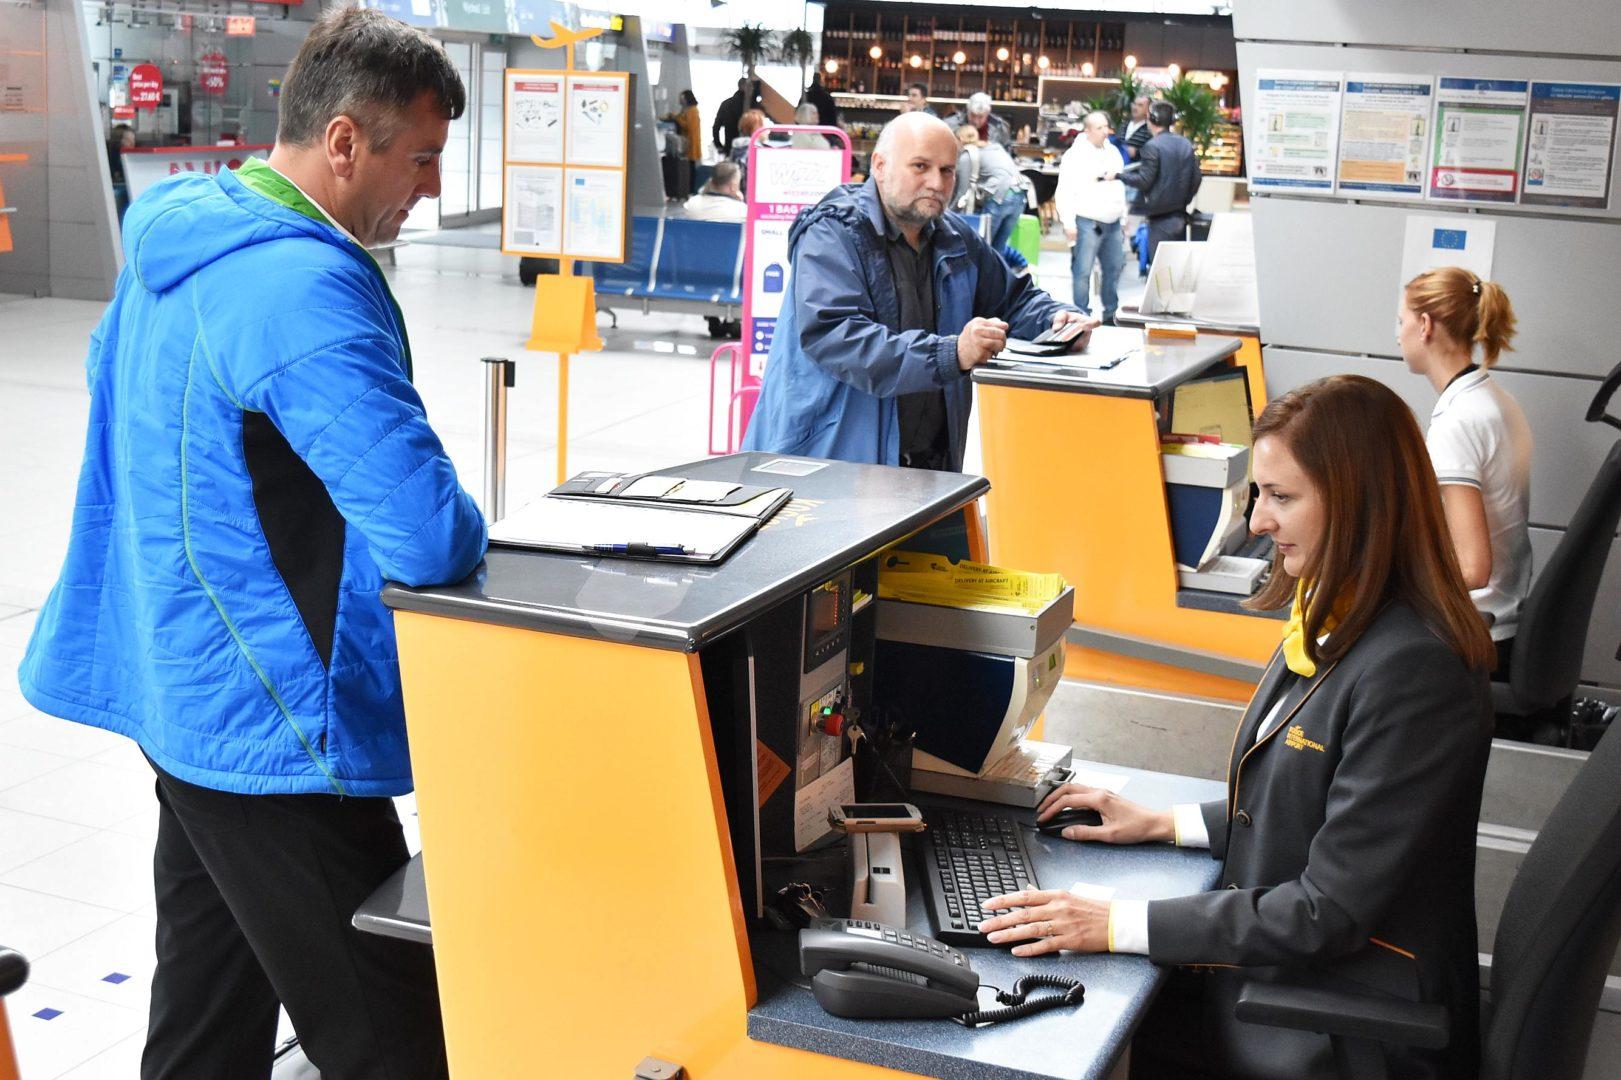 Letisko Košice - check in